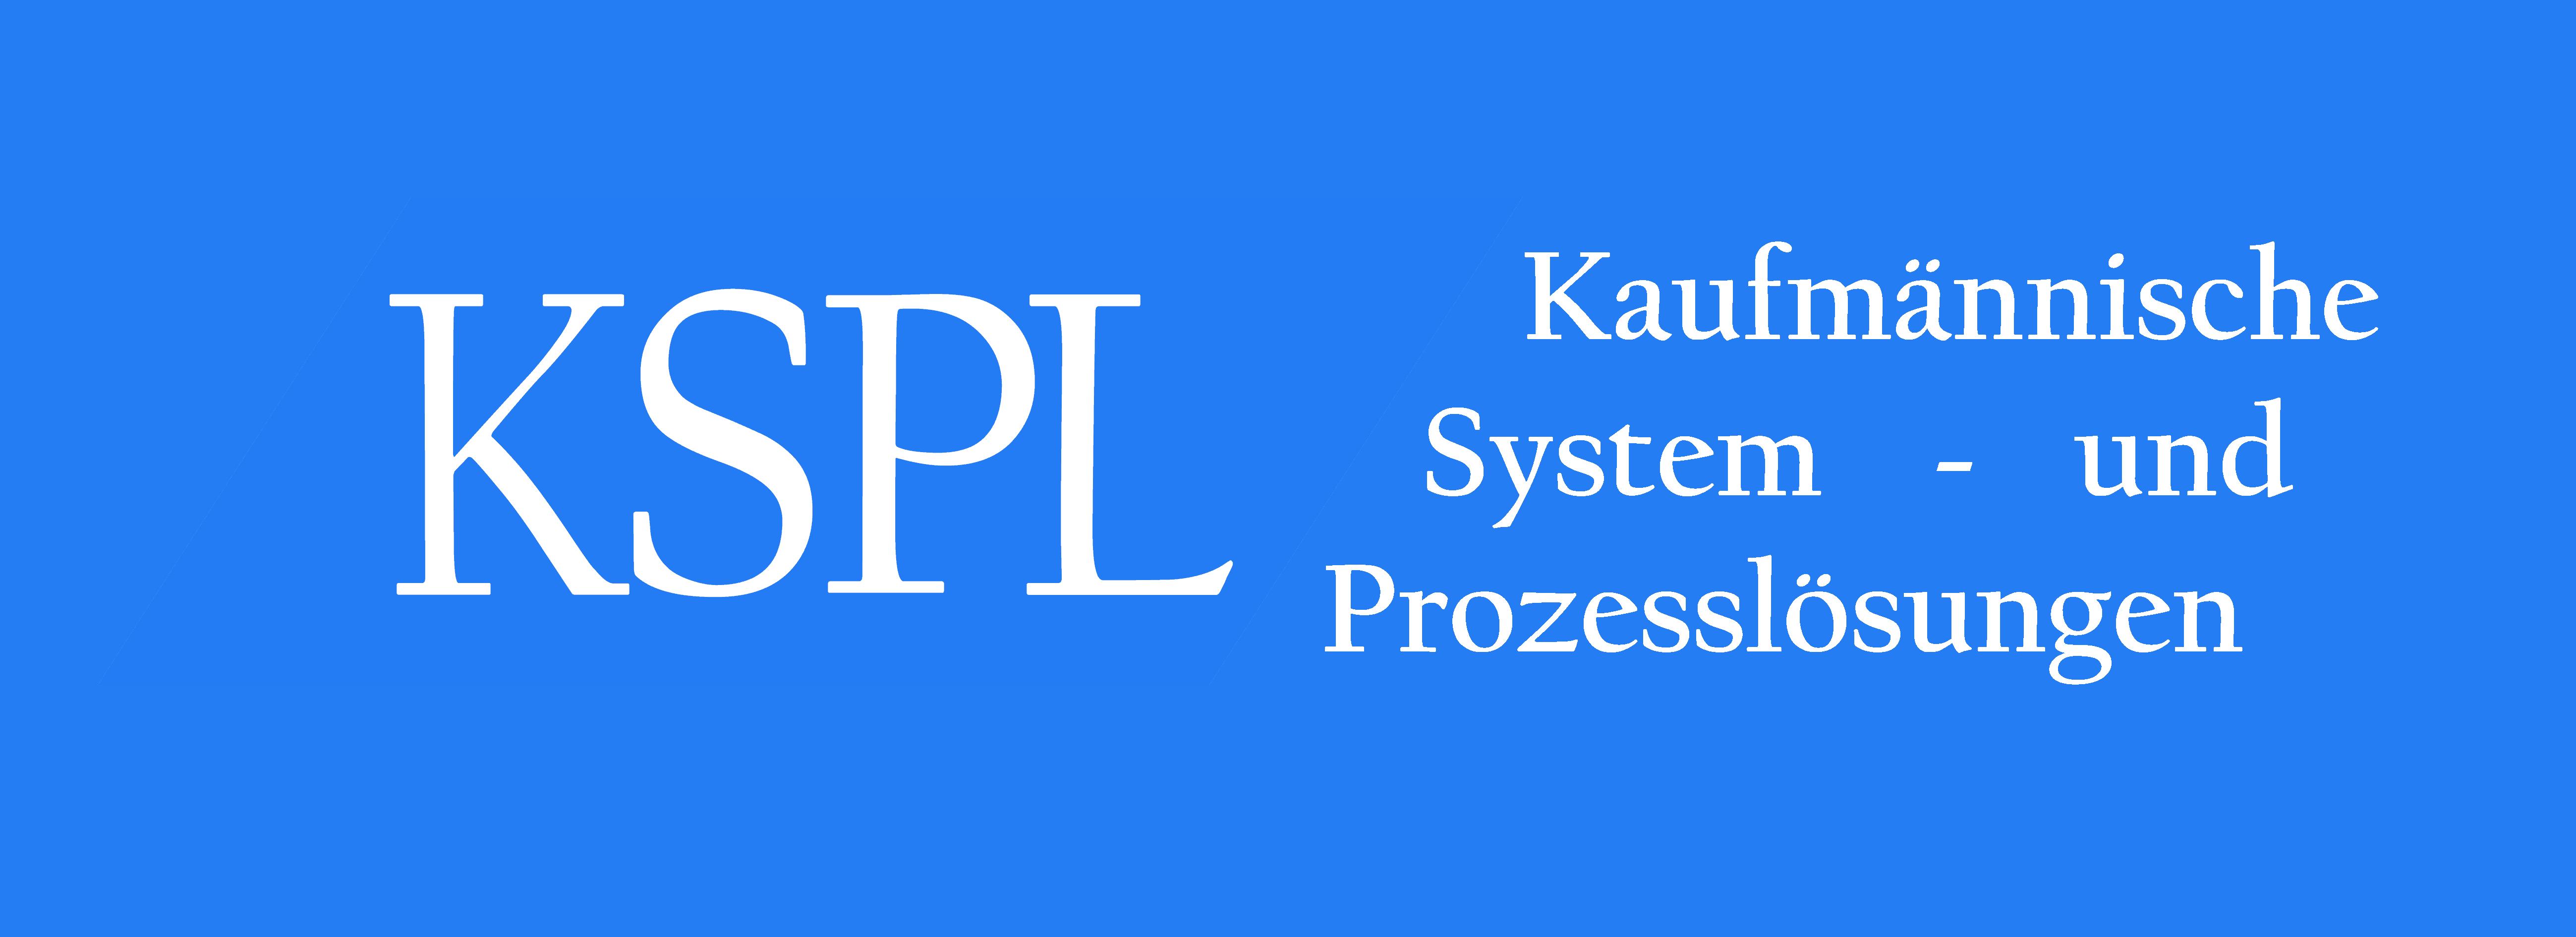 KSPL GmbH